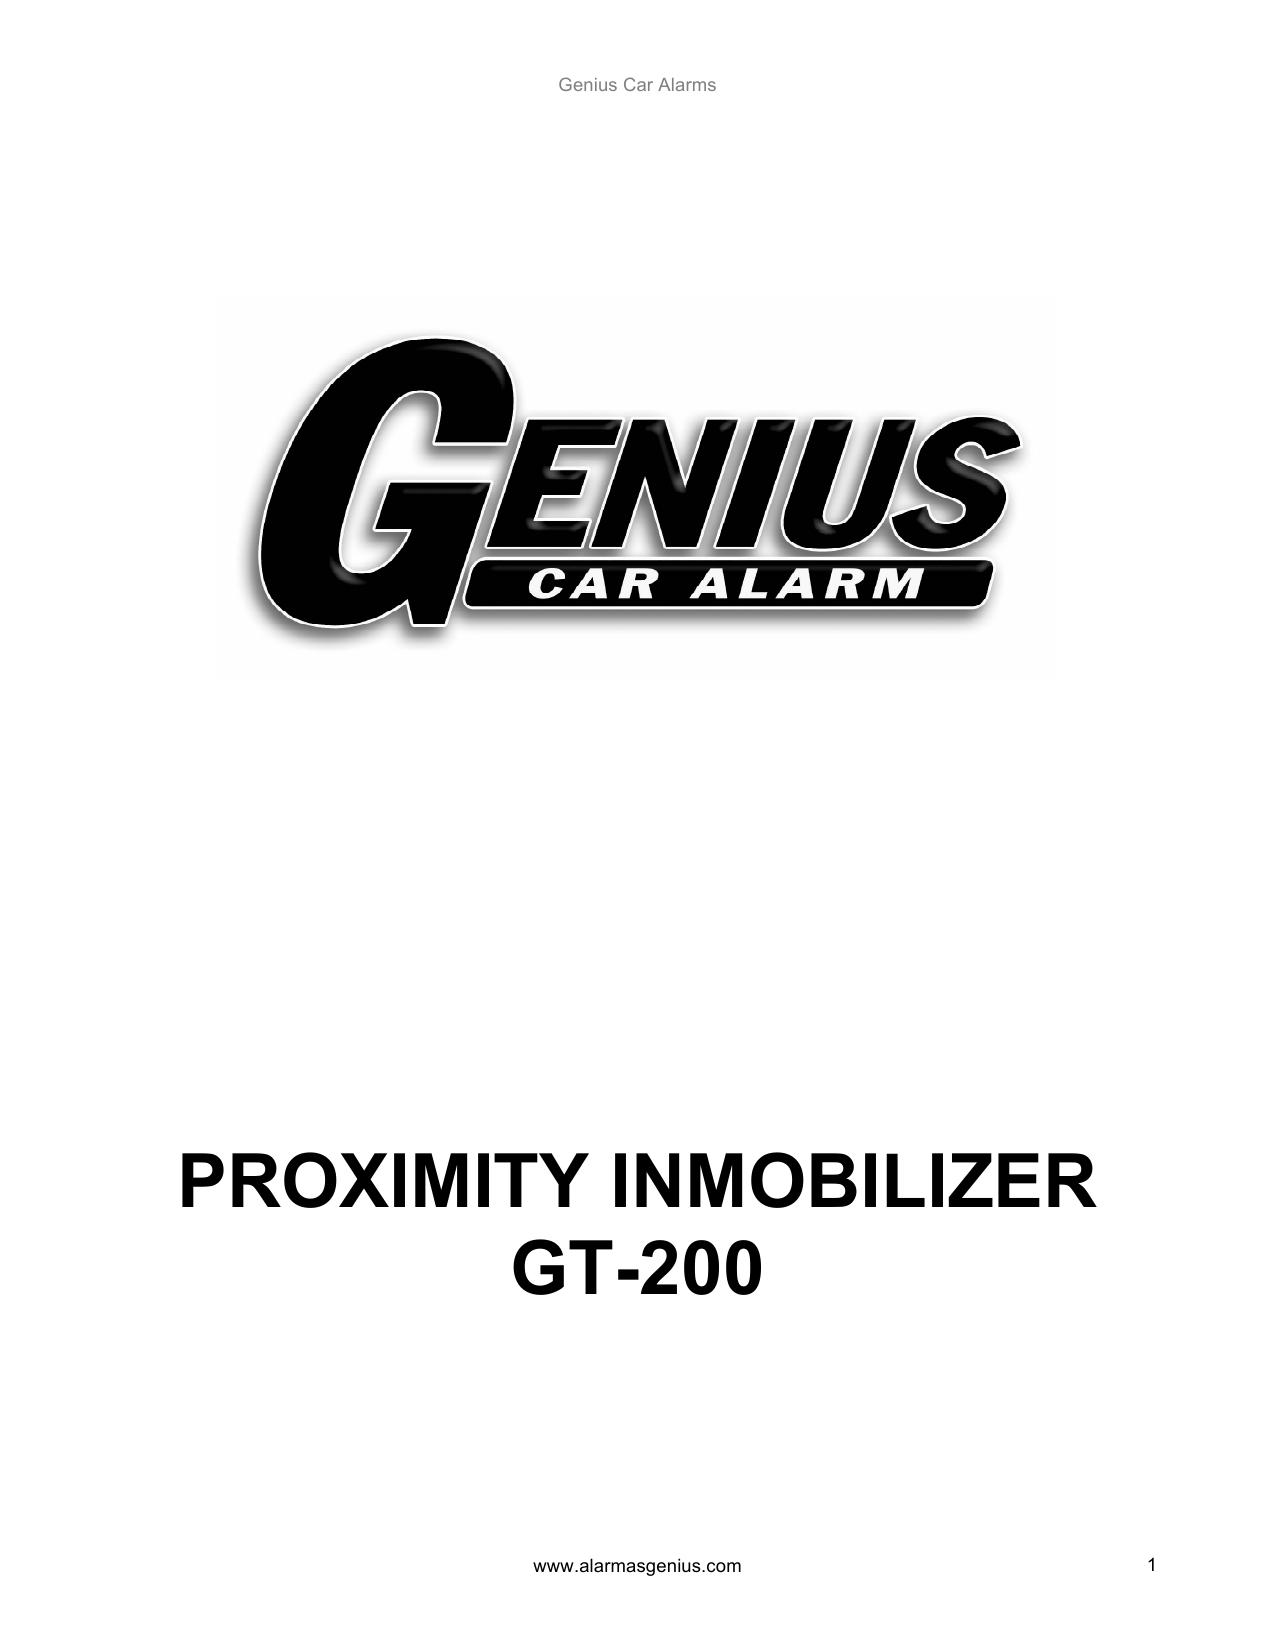 Genius Car Alarm Inmobilizer Genius GT200 El manual del